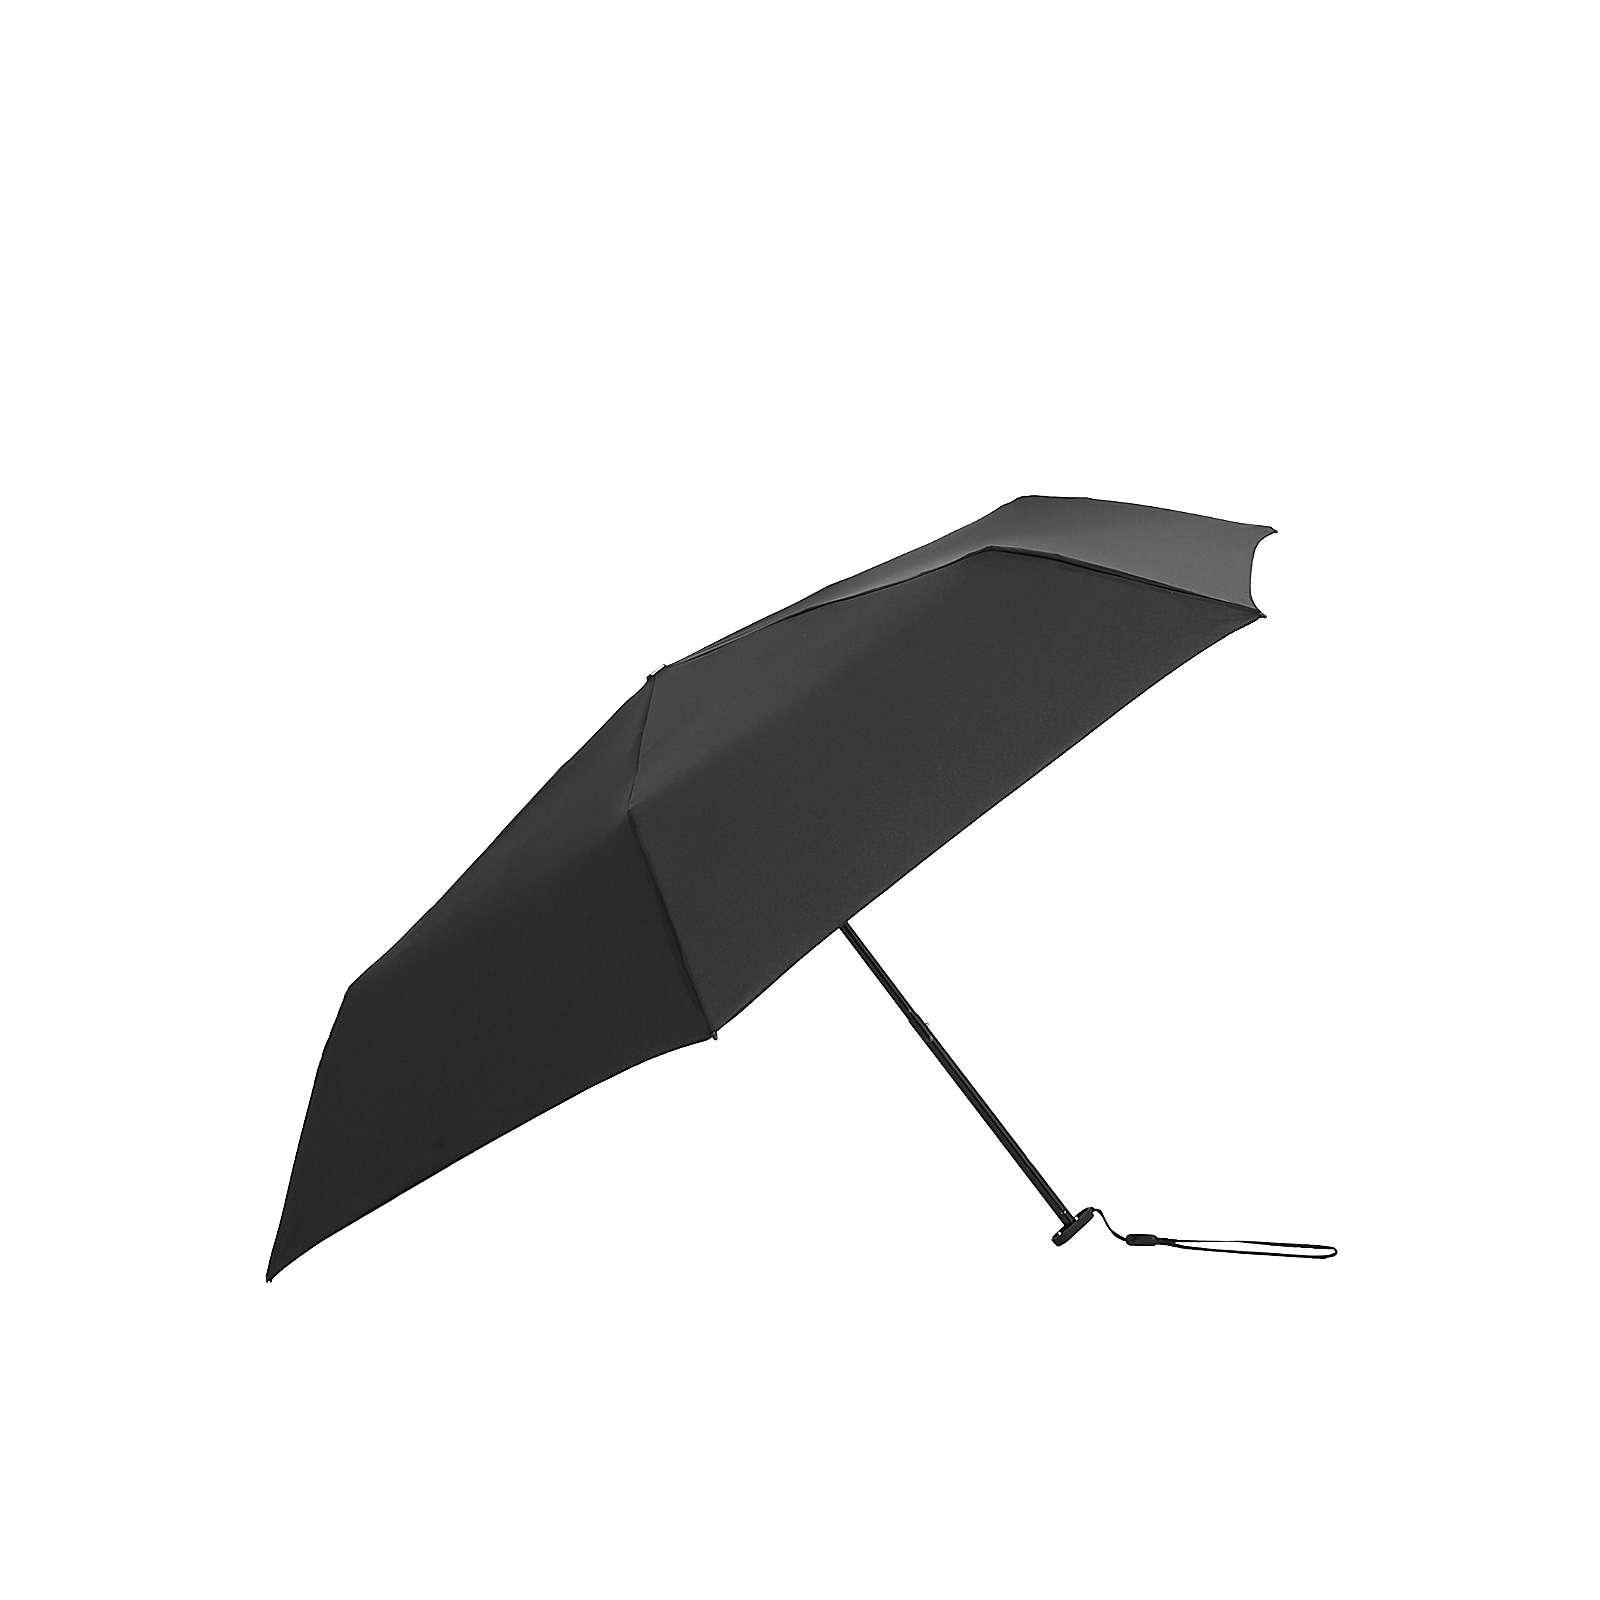 Knirps Regenschirm US.050 Ultra Light Slim Manual Regenschirme schwarz Herren Gr. one size